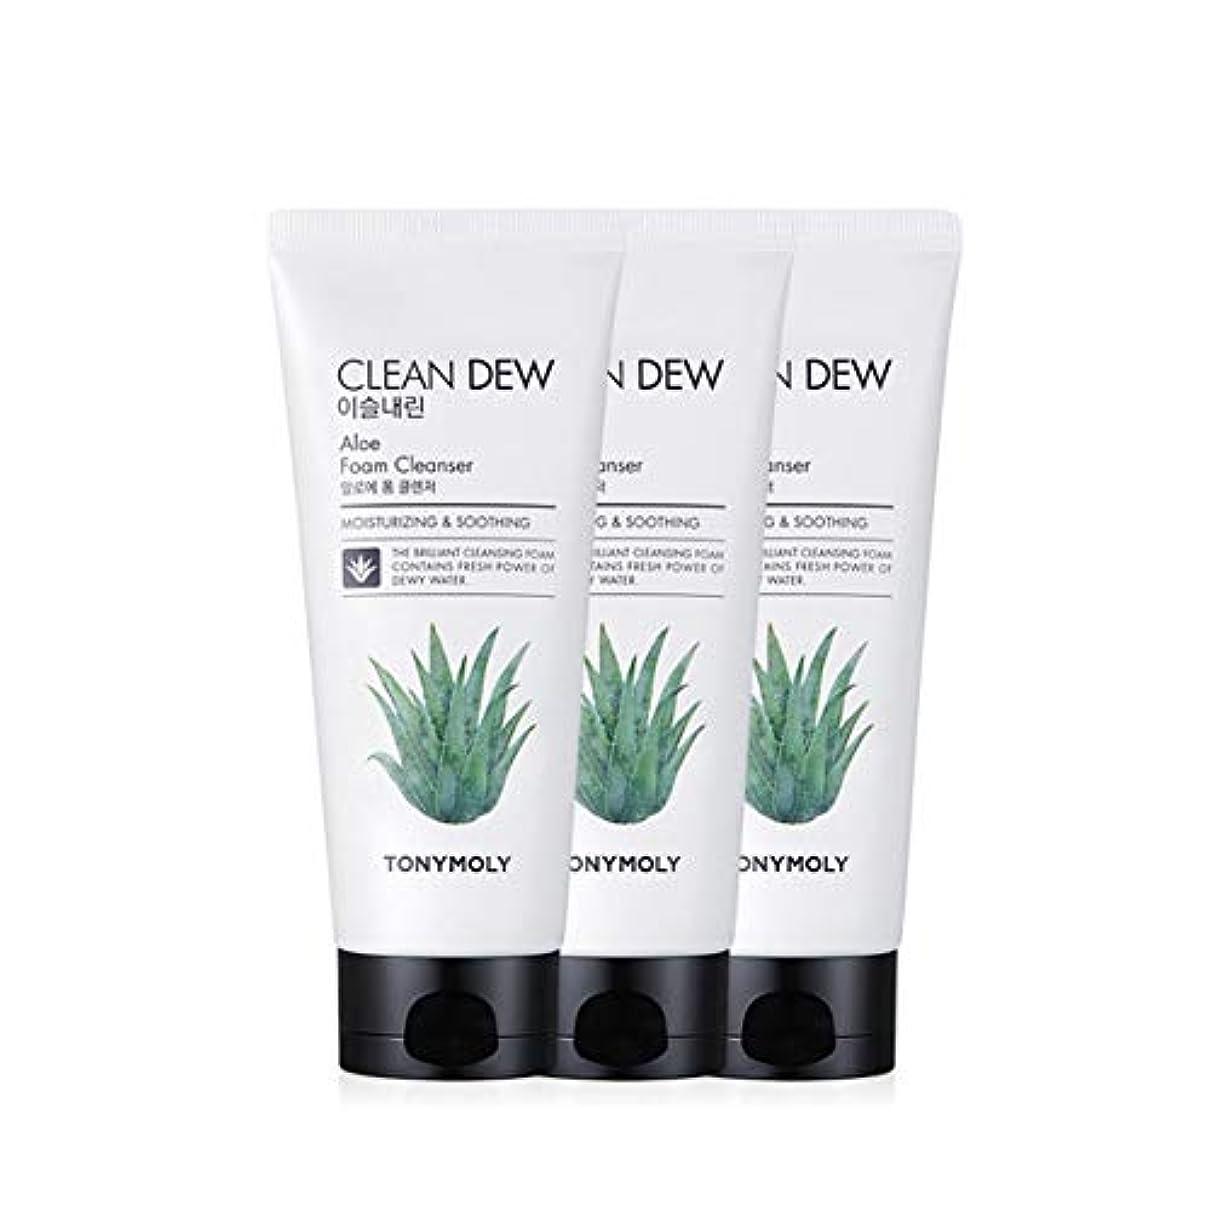 トニーモリークリーンデューアロエフォームクレンザー180mlx3本セット韓国コスメ、Tonymoly Clean Dew Aloe Foam Cleanser 180ml x 3ea Set Korean Cosmetics...